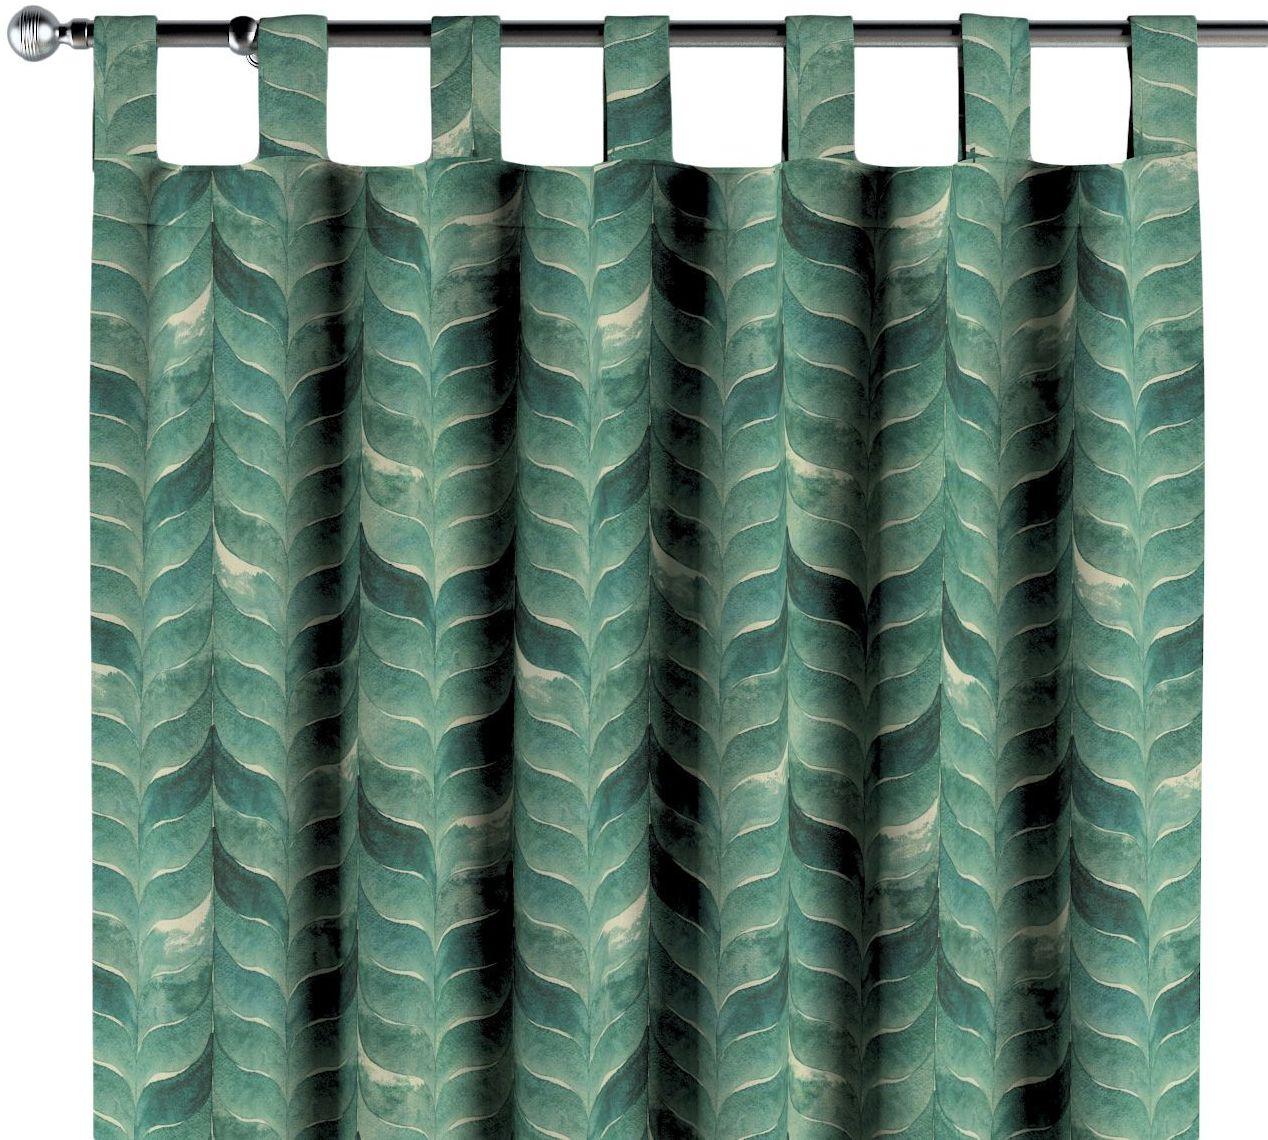 Zasłona na szelkach 1 szt., szmaragdowo-zielony wzór na lnianym tle, 1szt 130  260 cm, Abigail